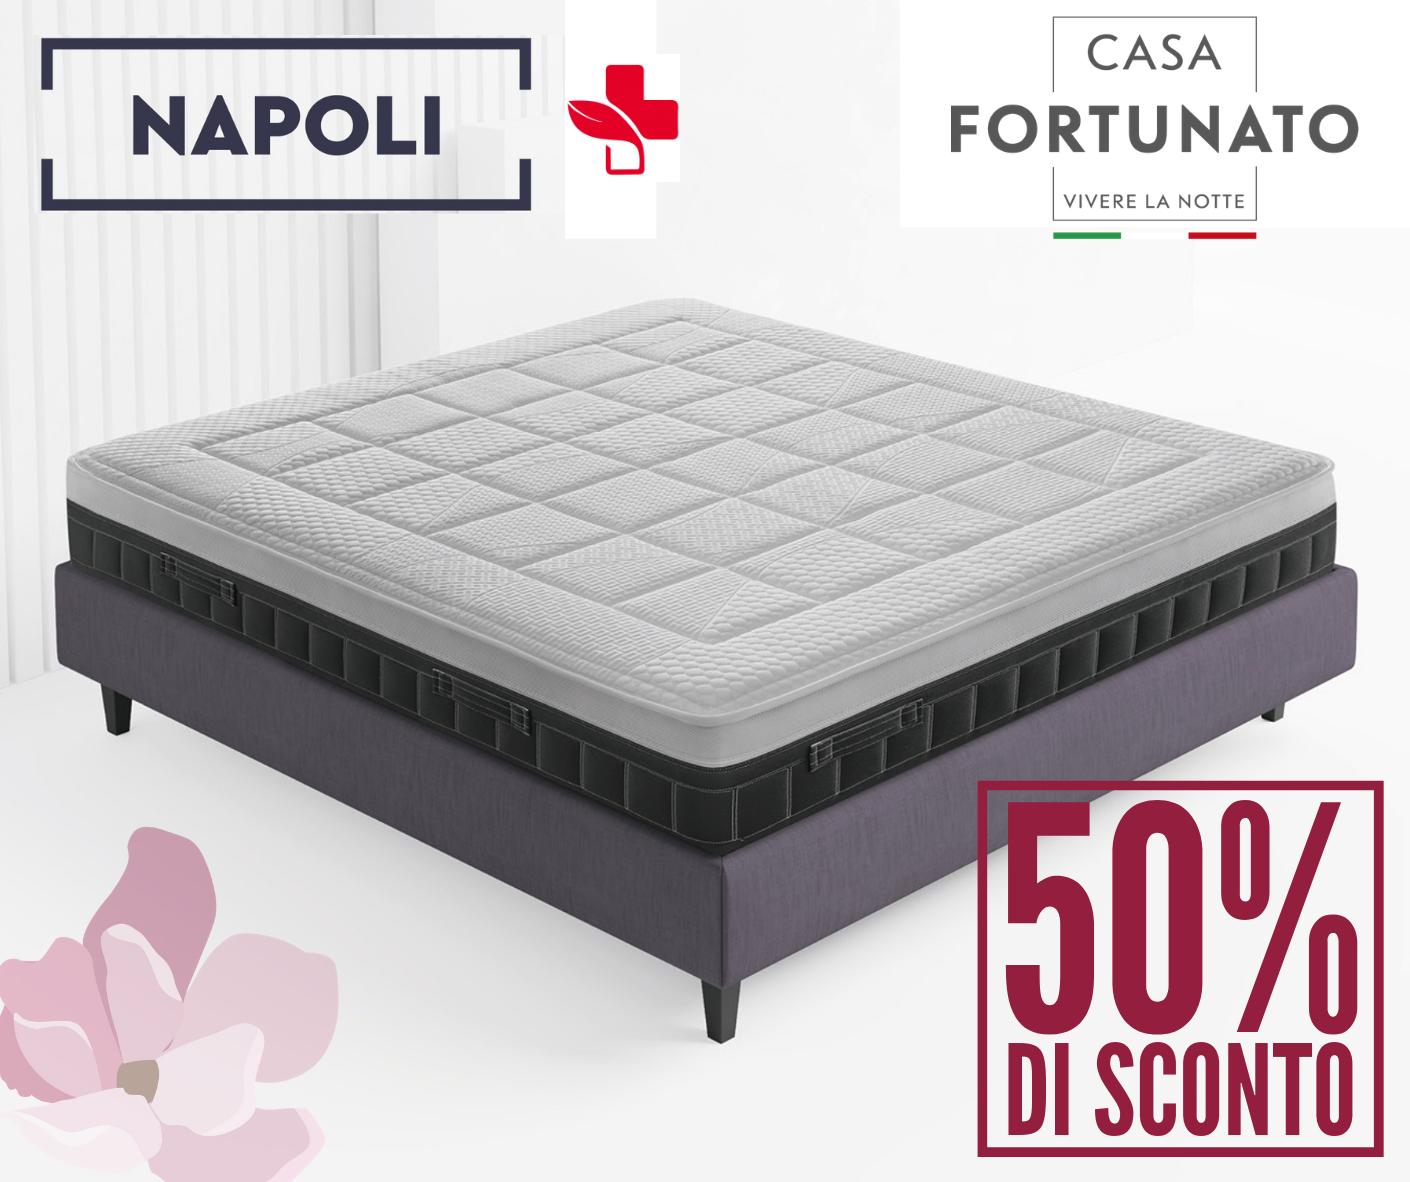 Materasso Napoli Sconto 50%